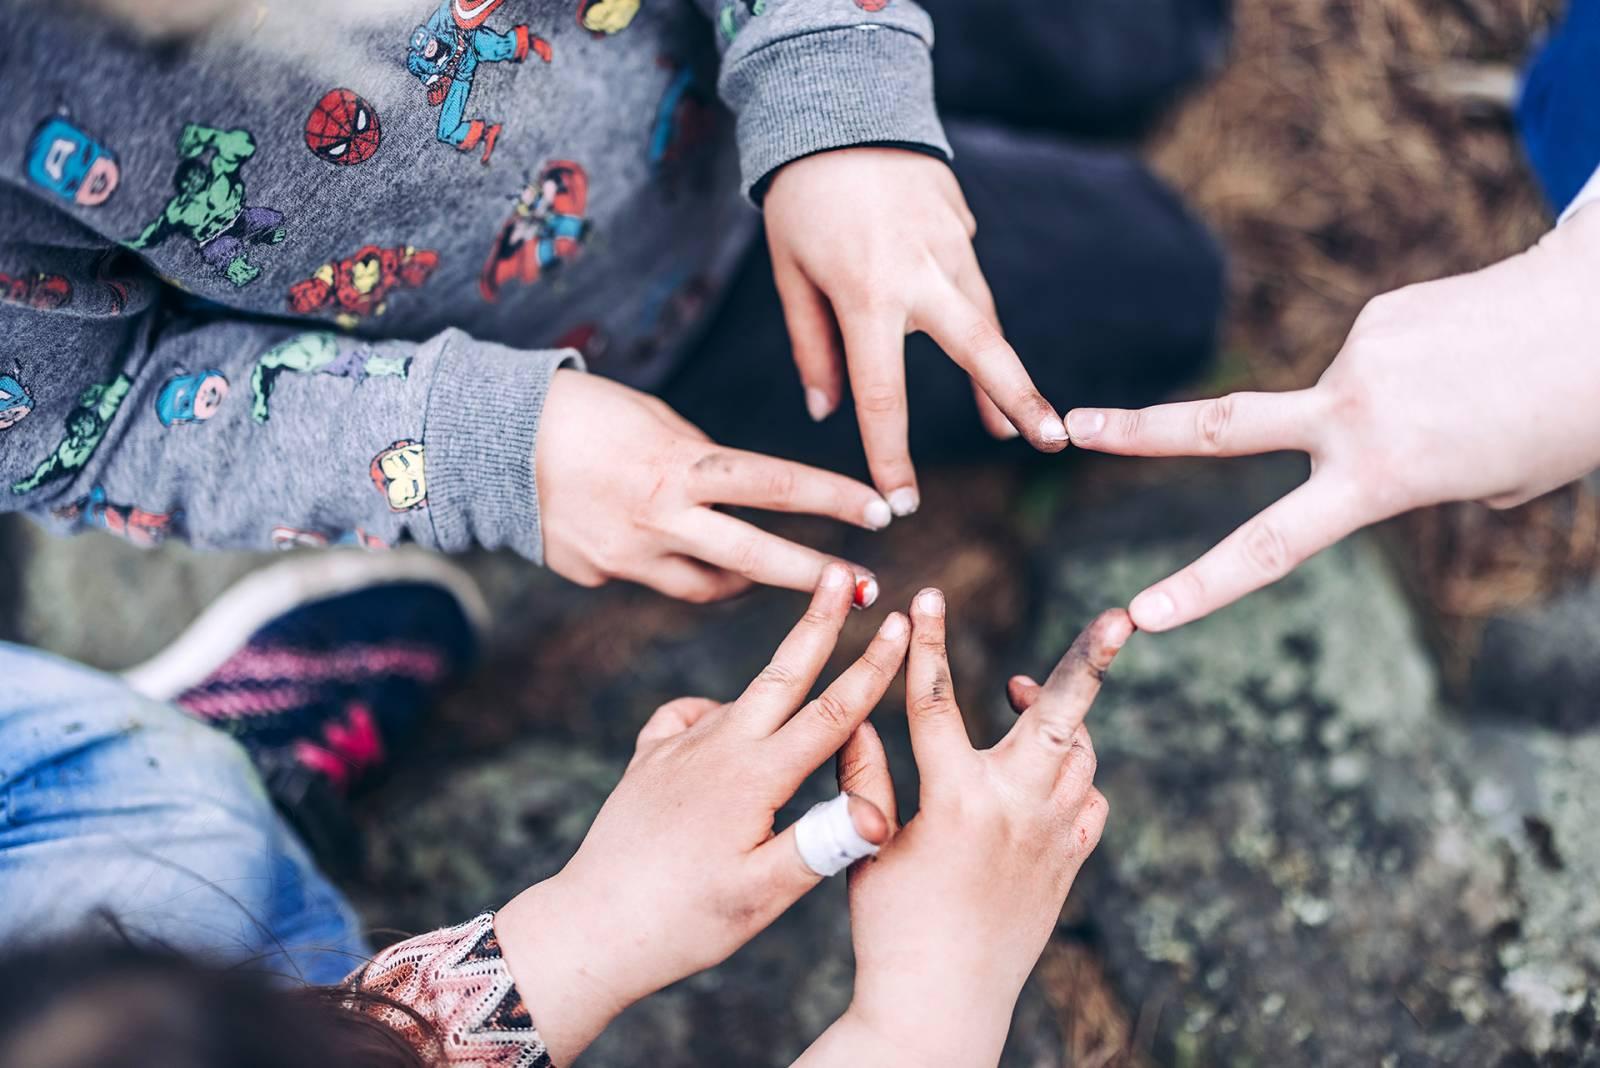 Valokuva, jossa useamman ihmisen sormet muodostavat tähtikuvion.